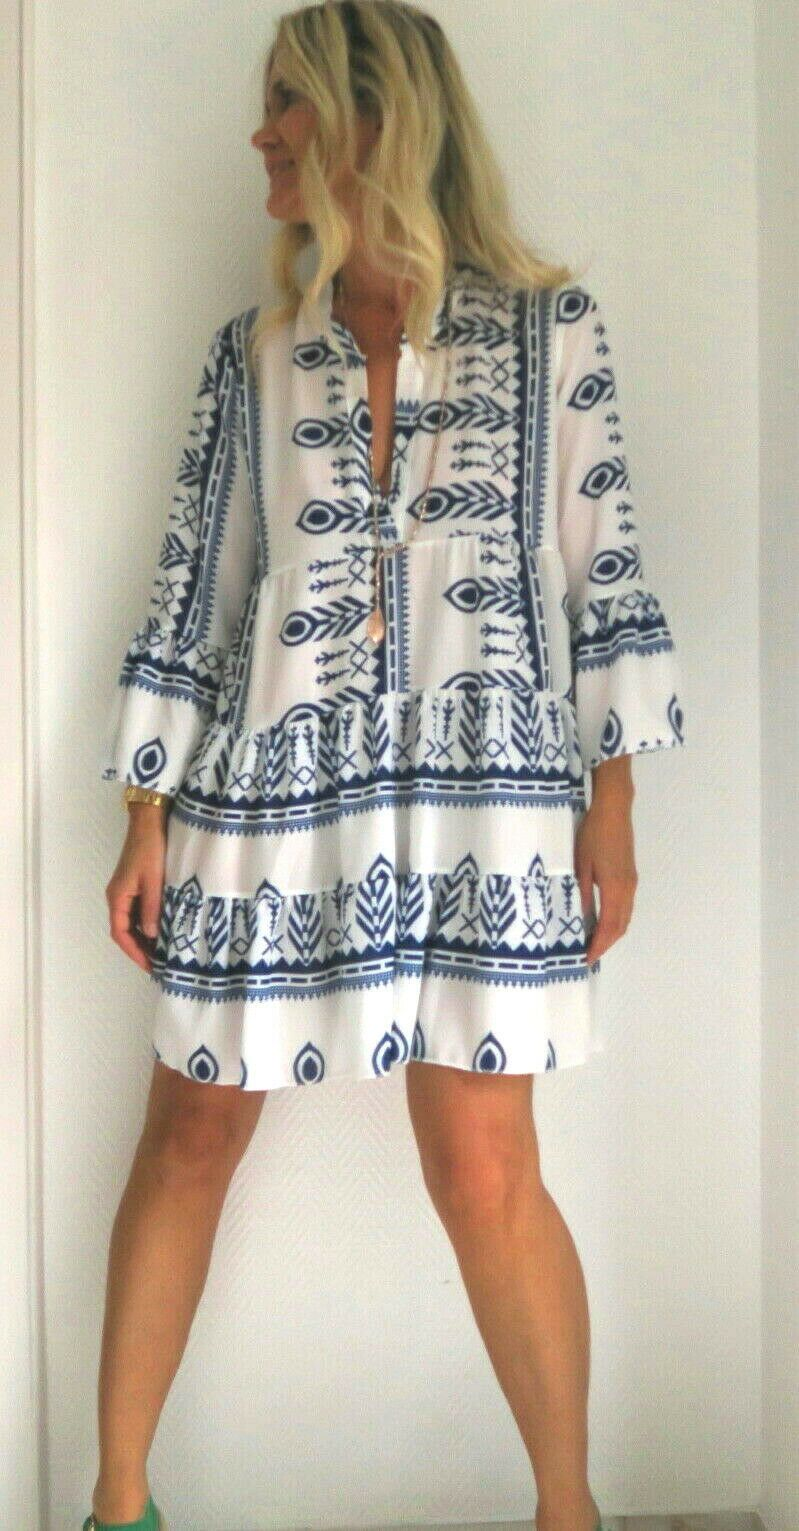 pali ikat navajo print boho tunic dress in BEIGE BLUE ...